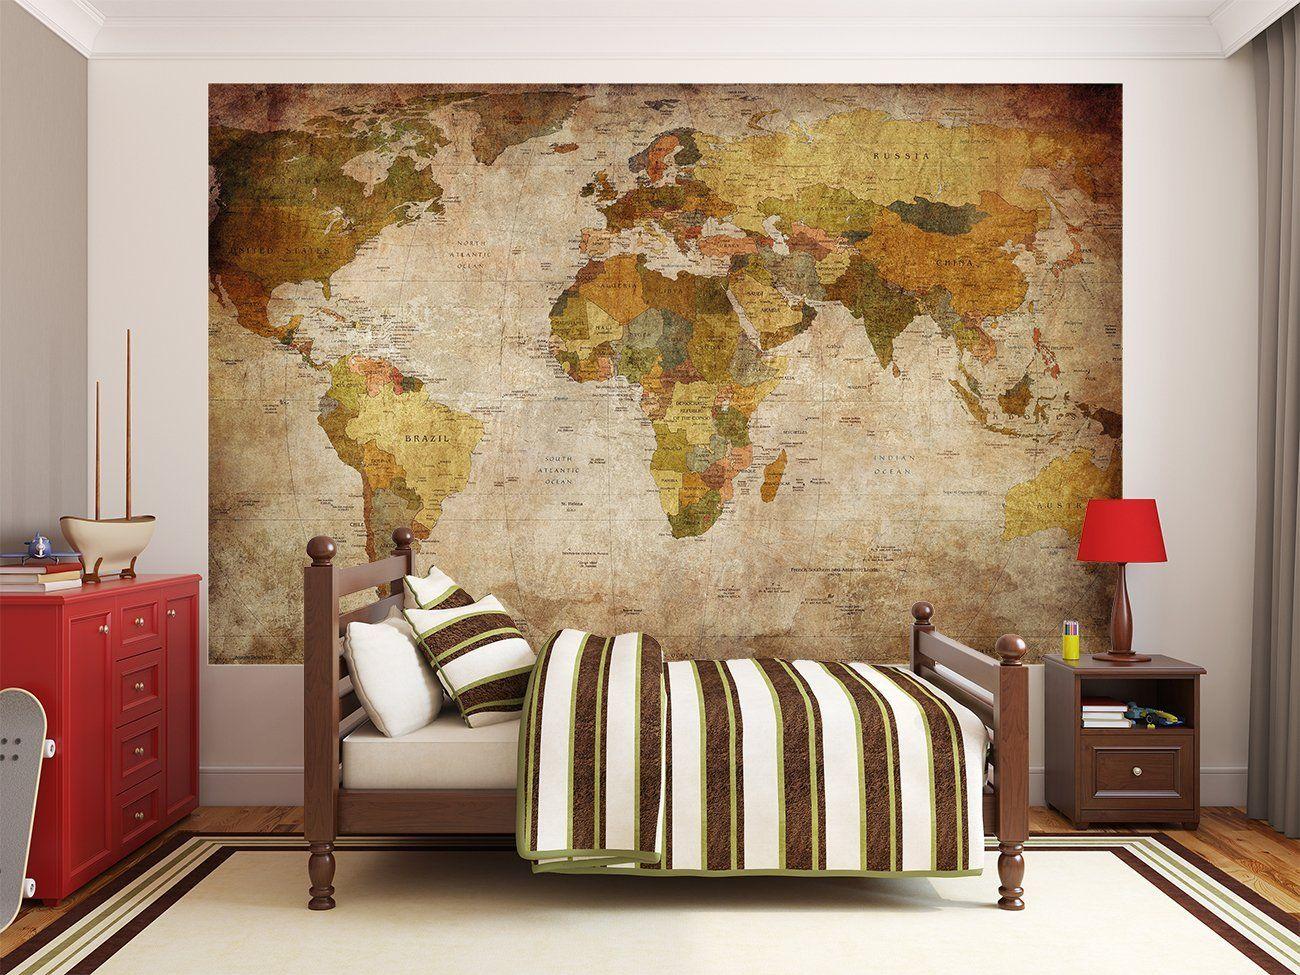 Mappemonde Deco Murale papier peint photo mappemonde - motif vintage retro - image murale